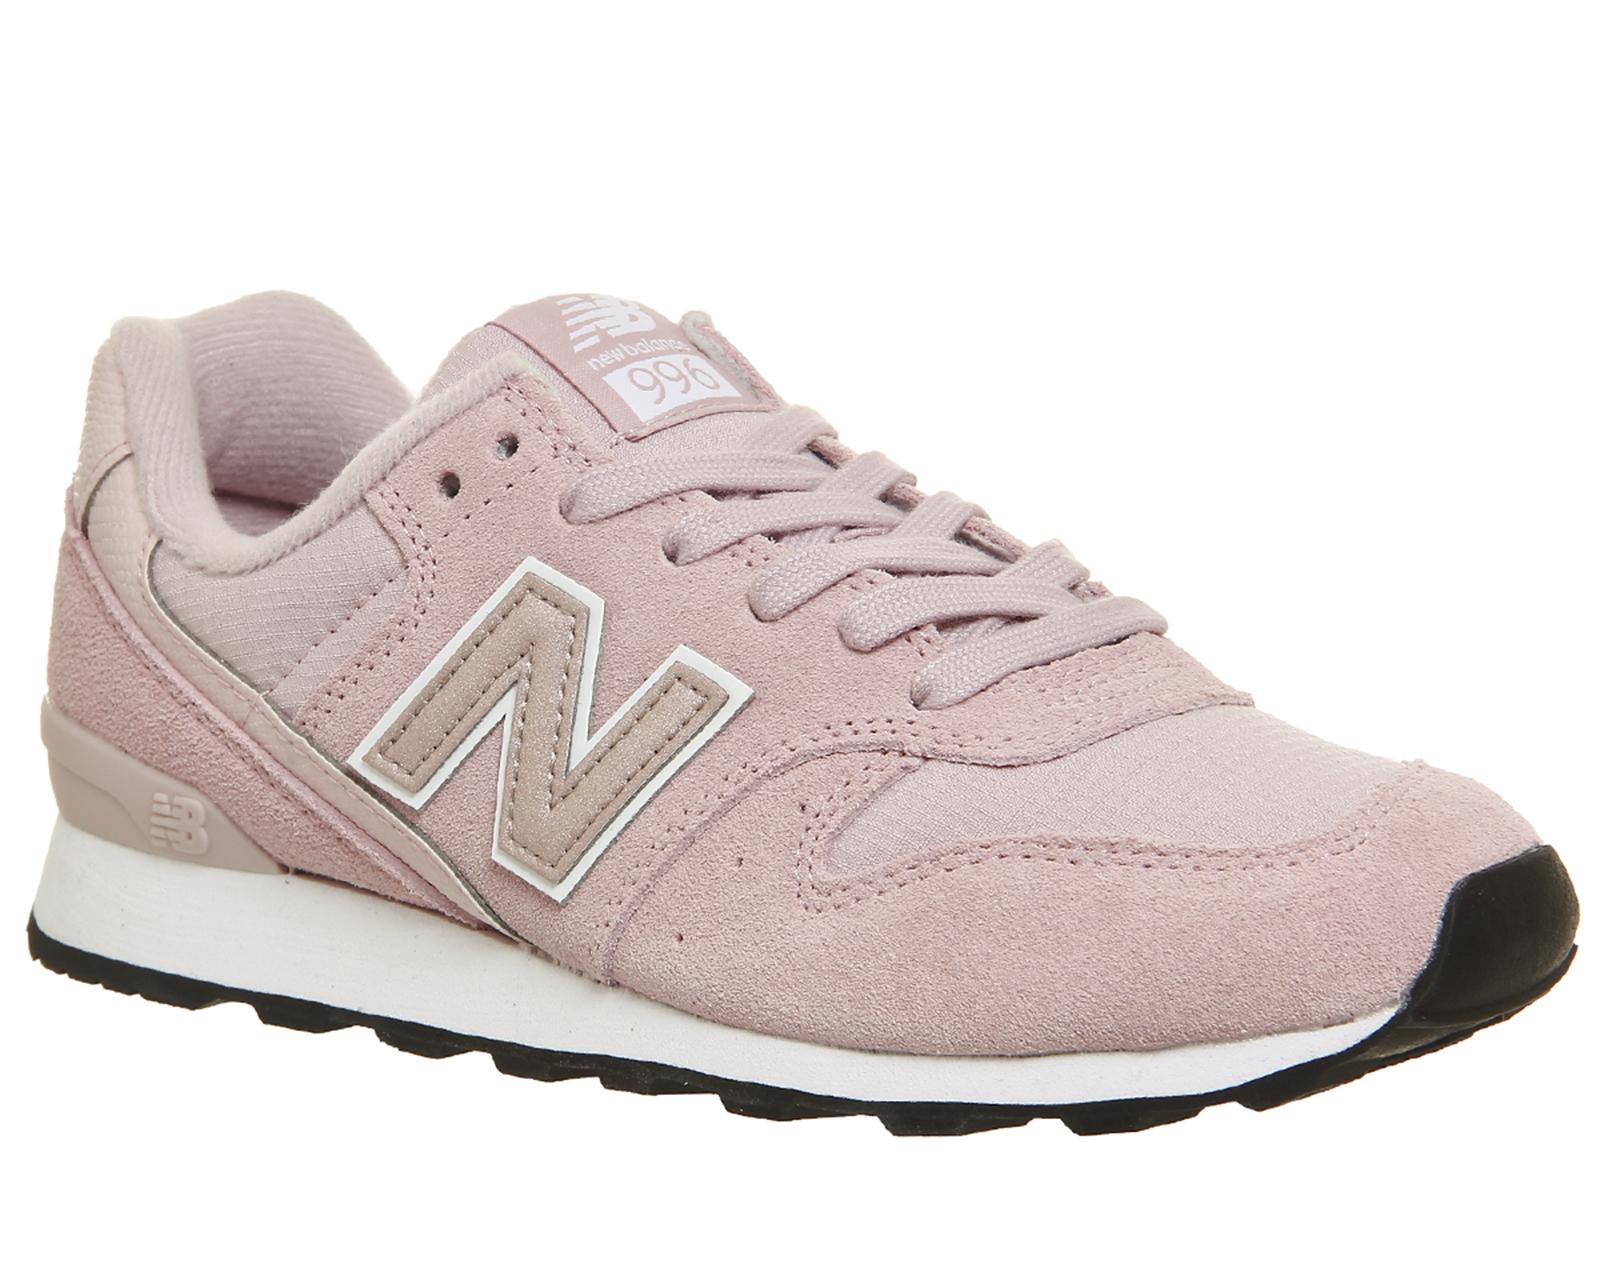 scarpe da ginnastica donna new balance rosa